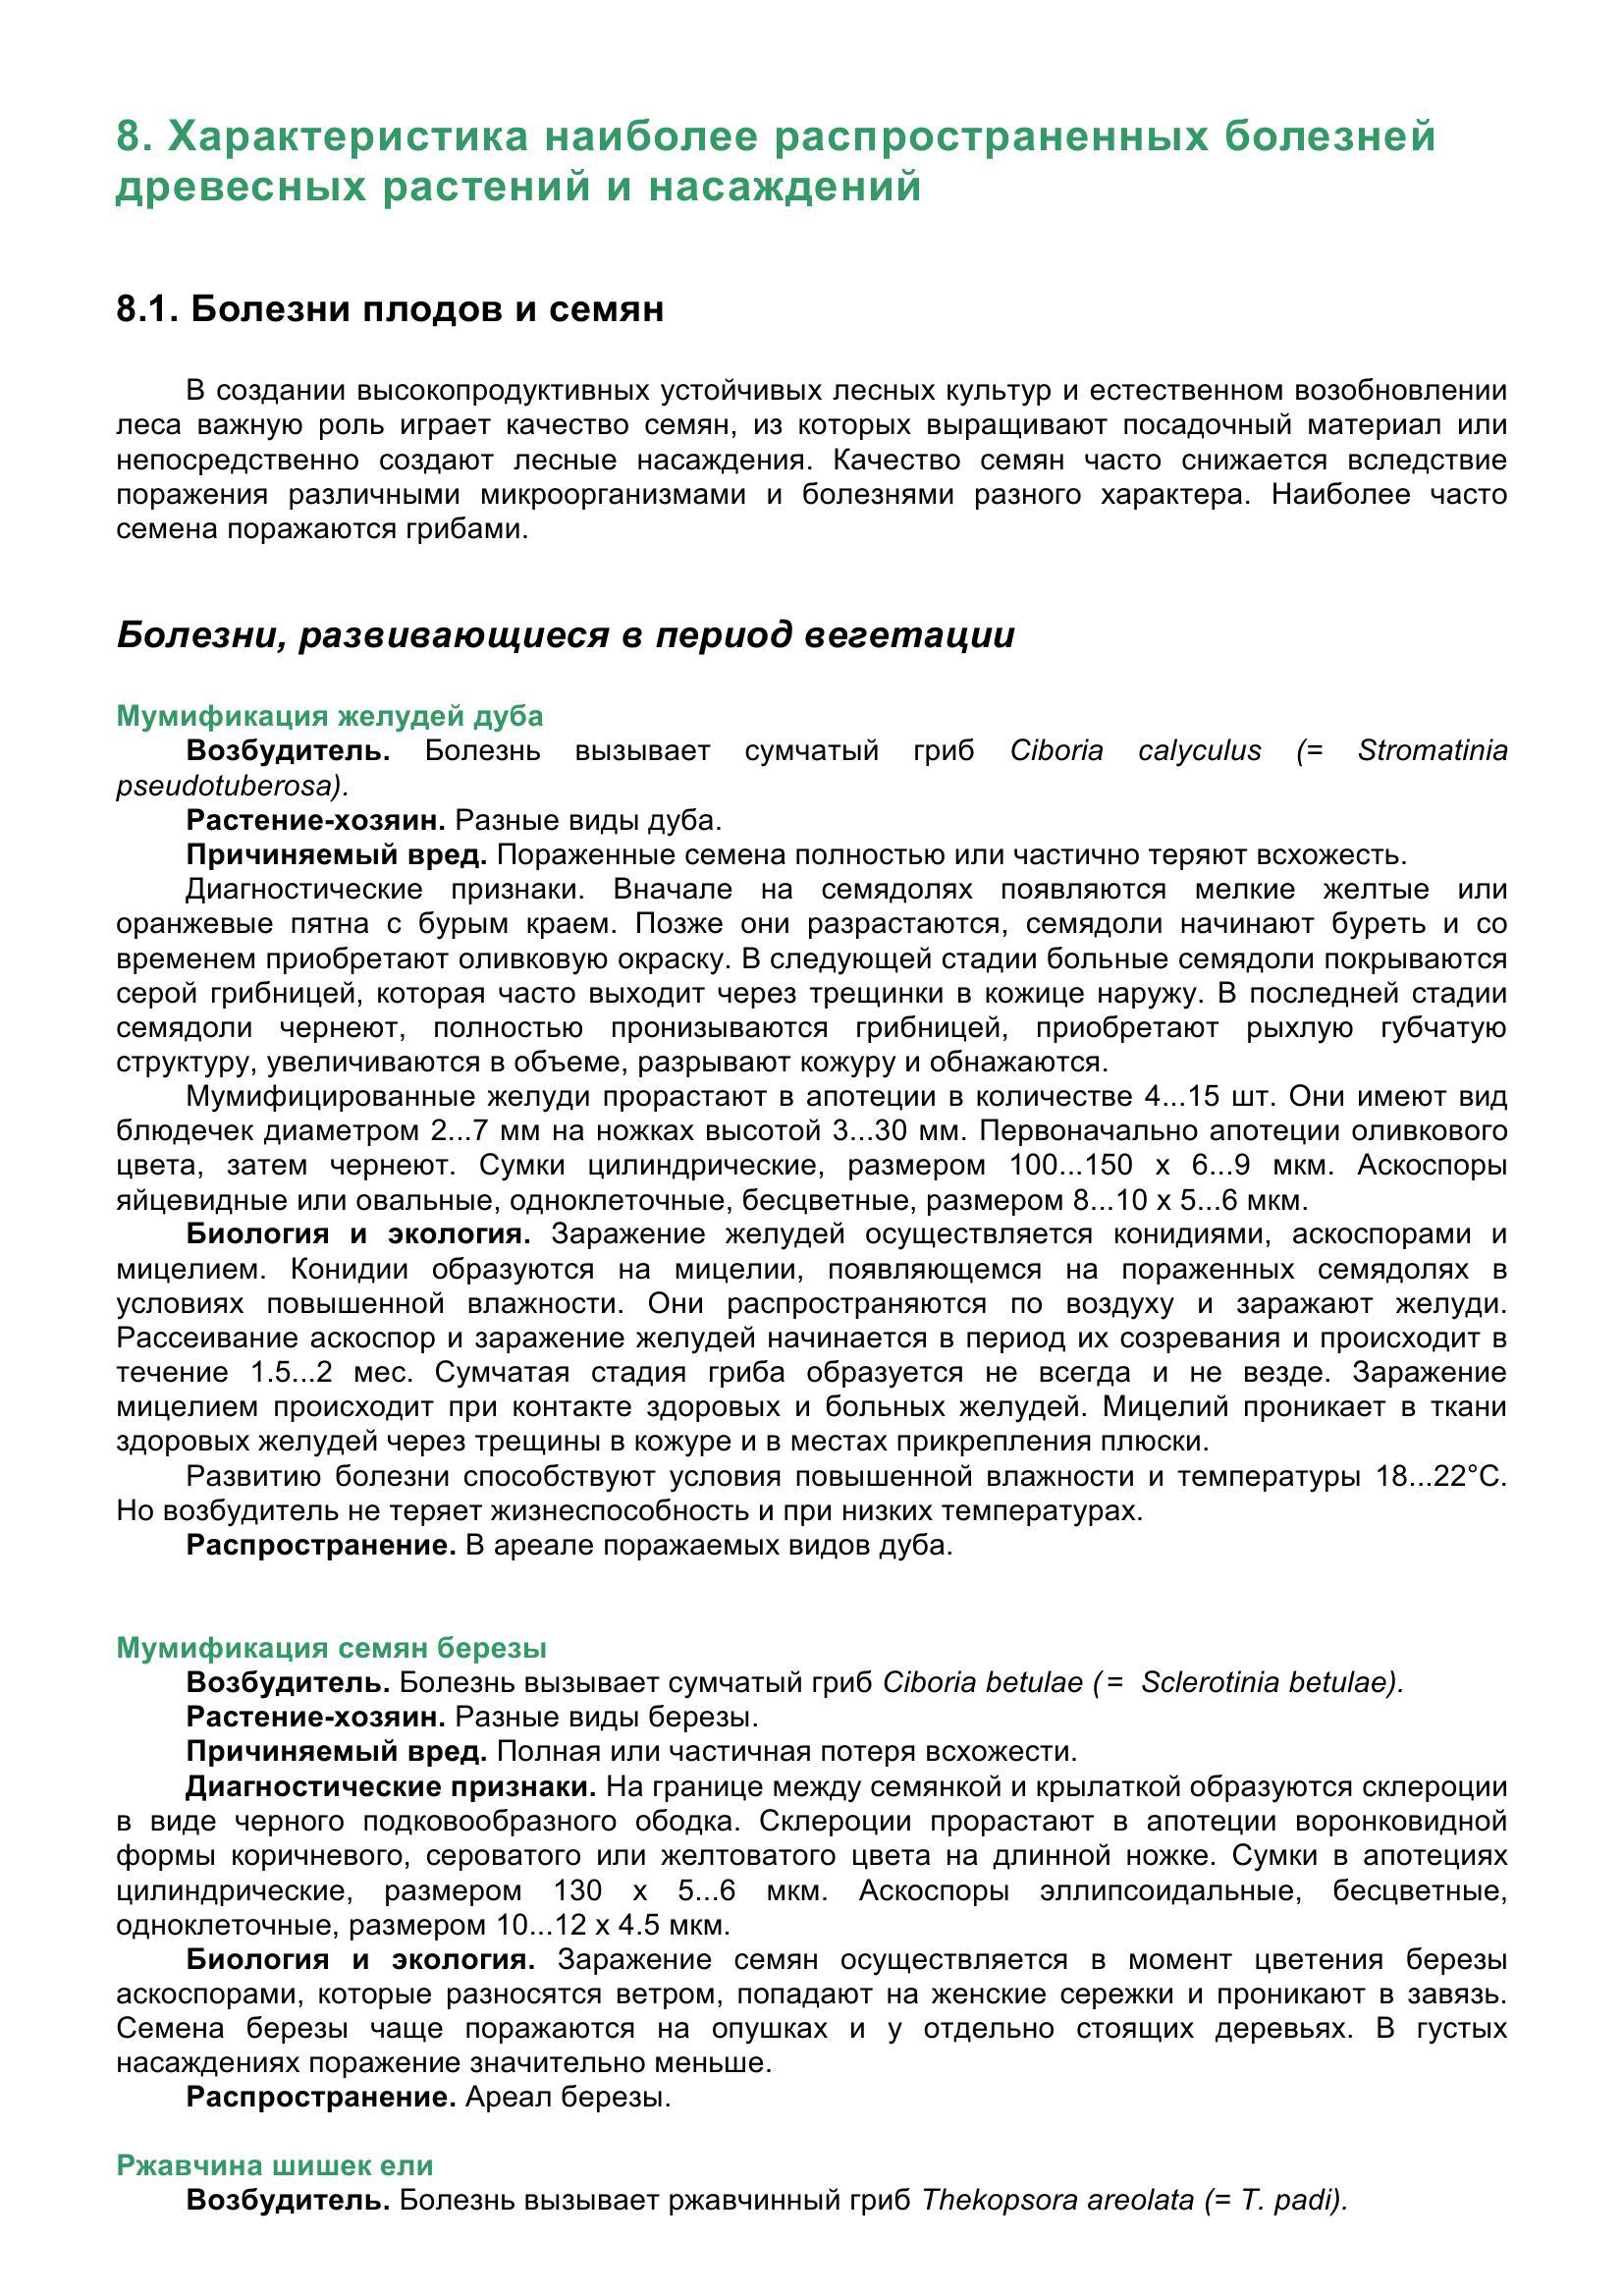 Болезни_древесных_растений_032.jpg